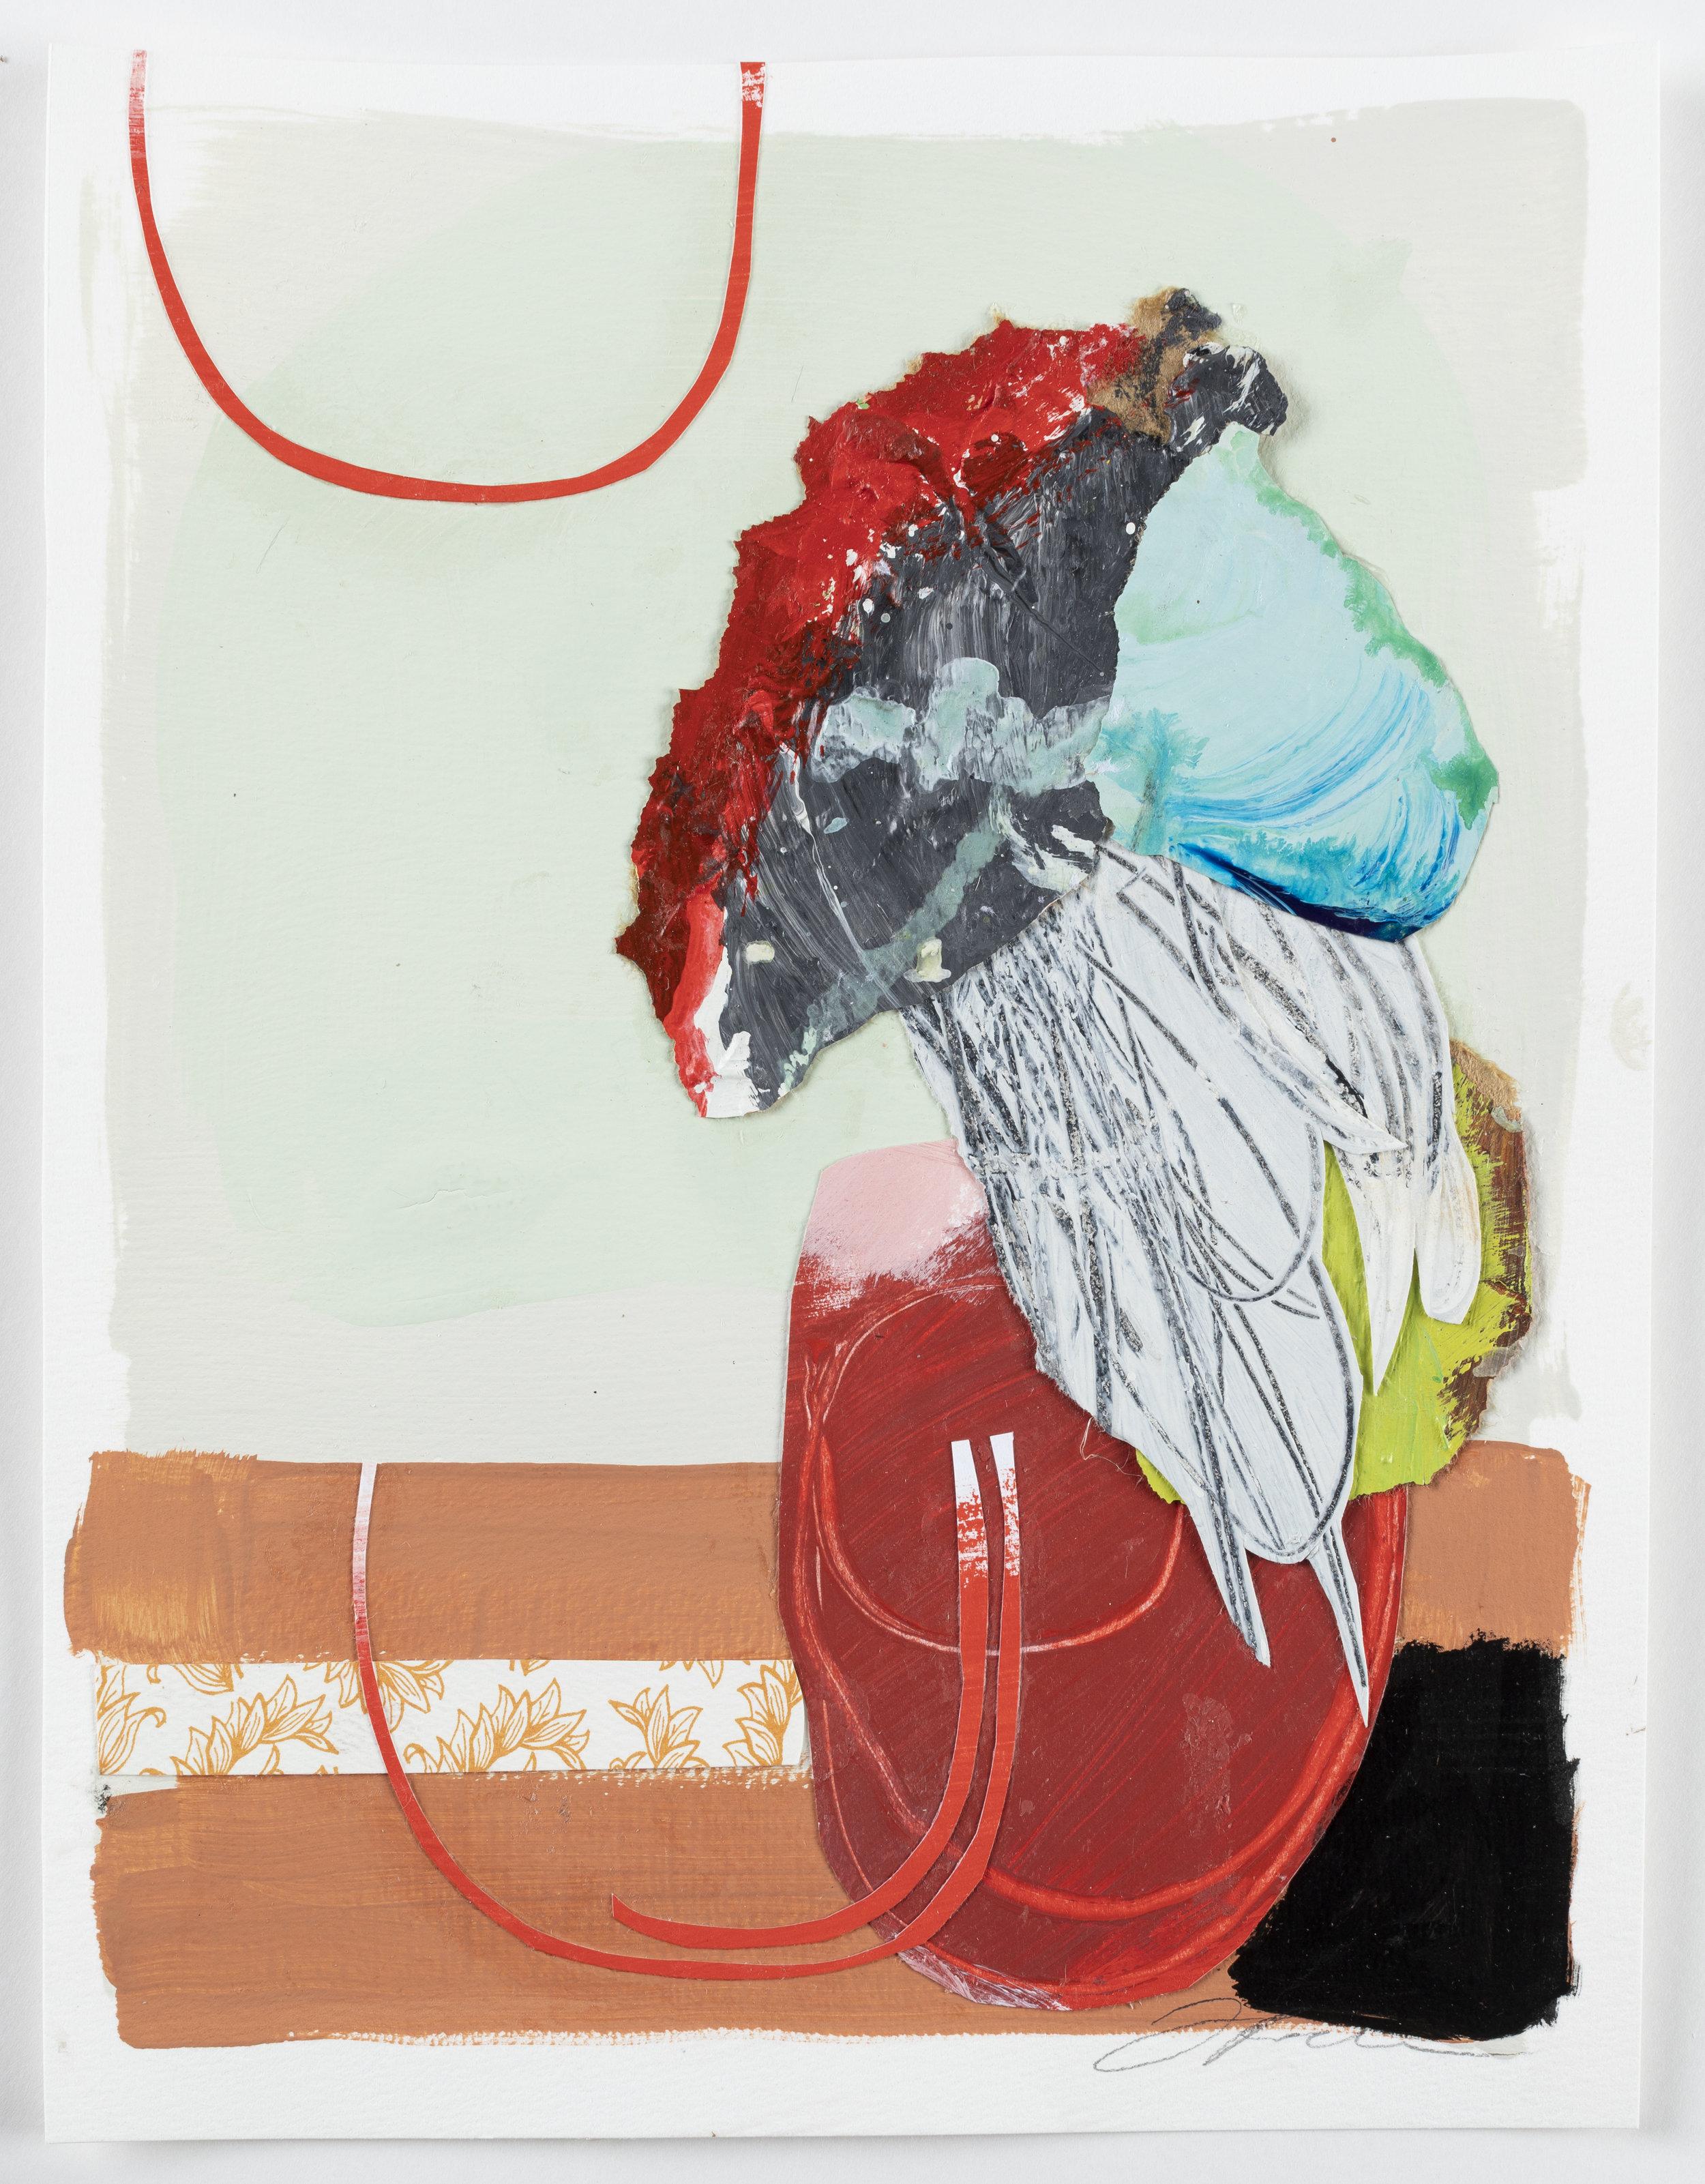 """Floral Series 5 - 14"""" x 11"""" x 1/4"""" Paint, paper, paste, mattedSOLD"""